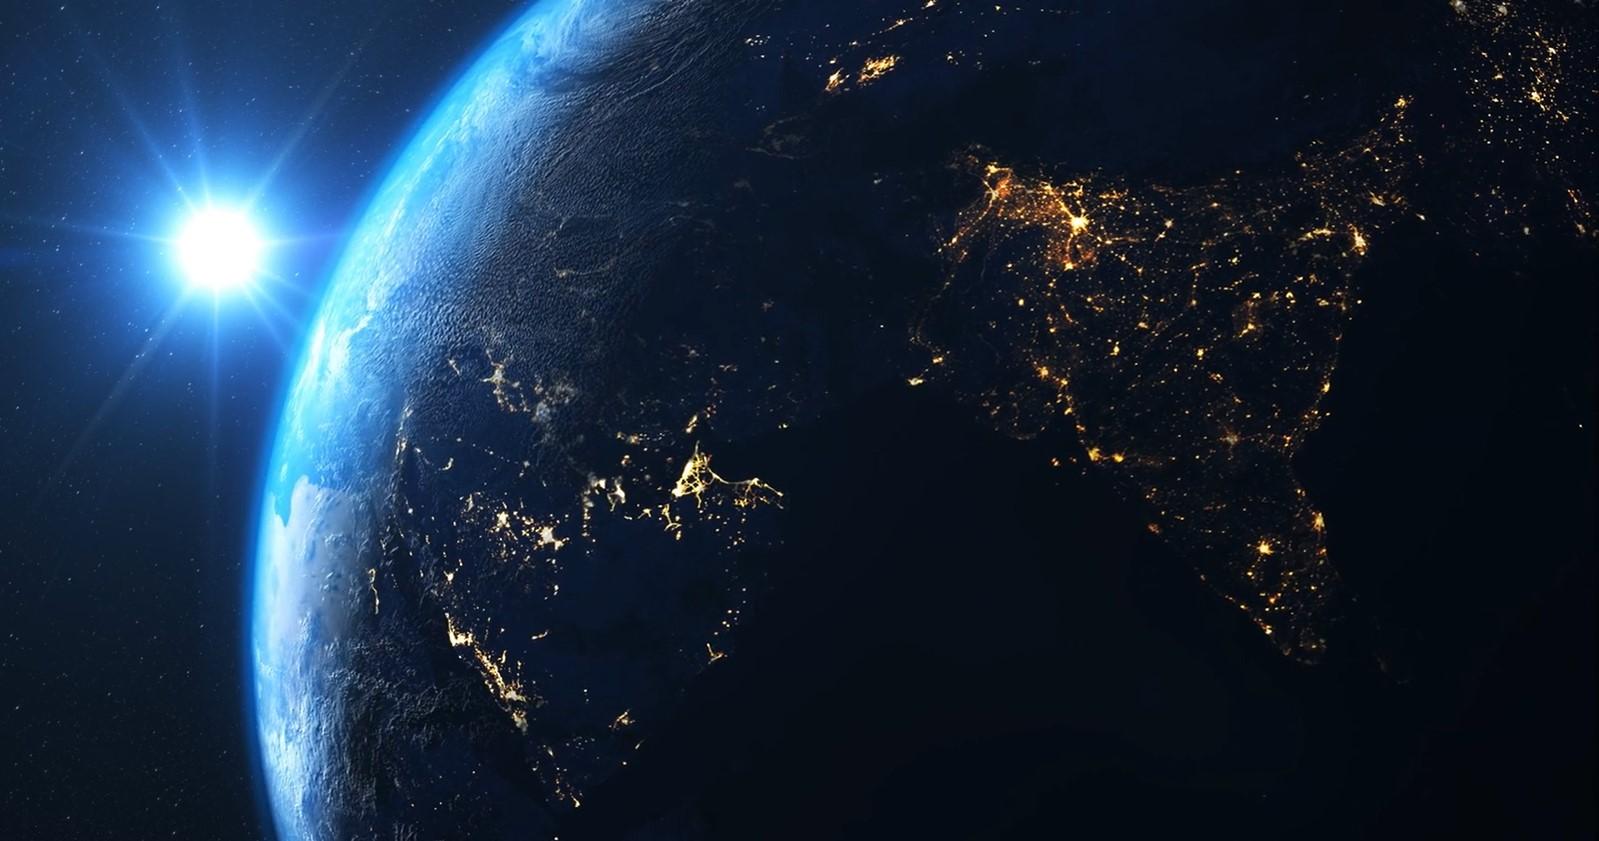 https://www.phidias-hpc.eu/sites/default/files/revslider/image/earth.jpg